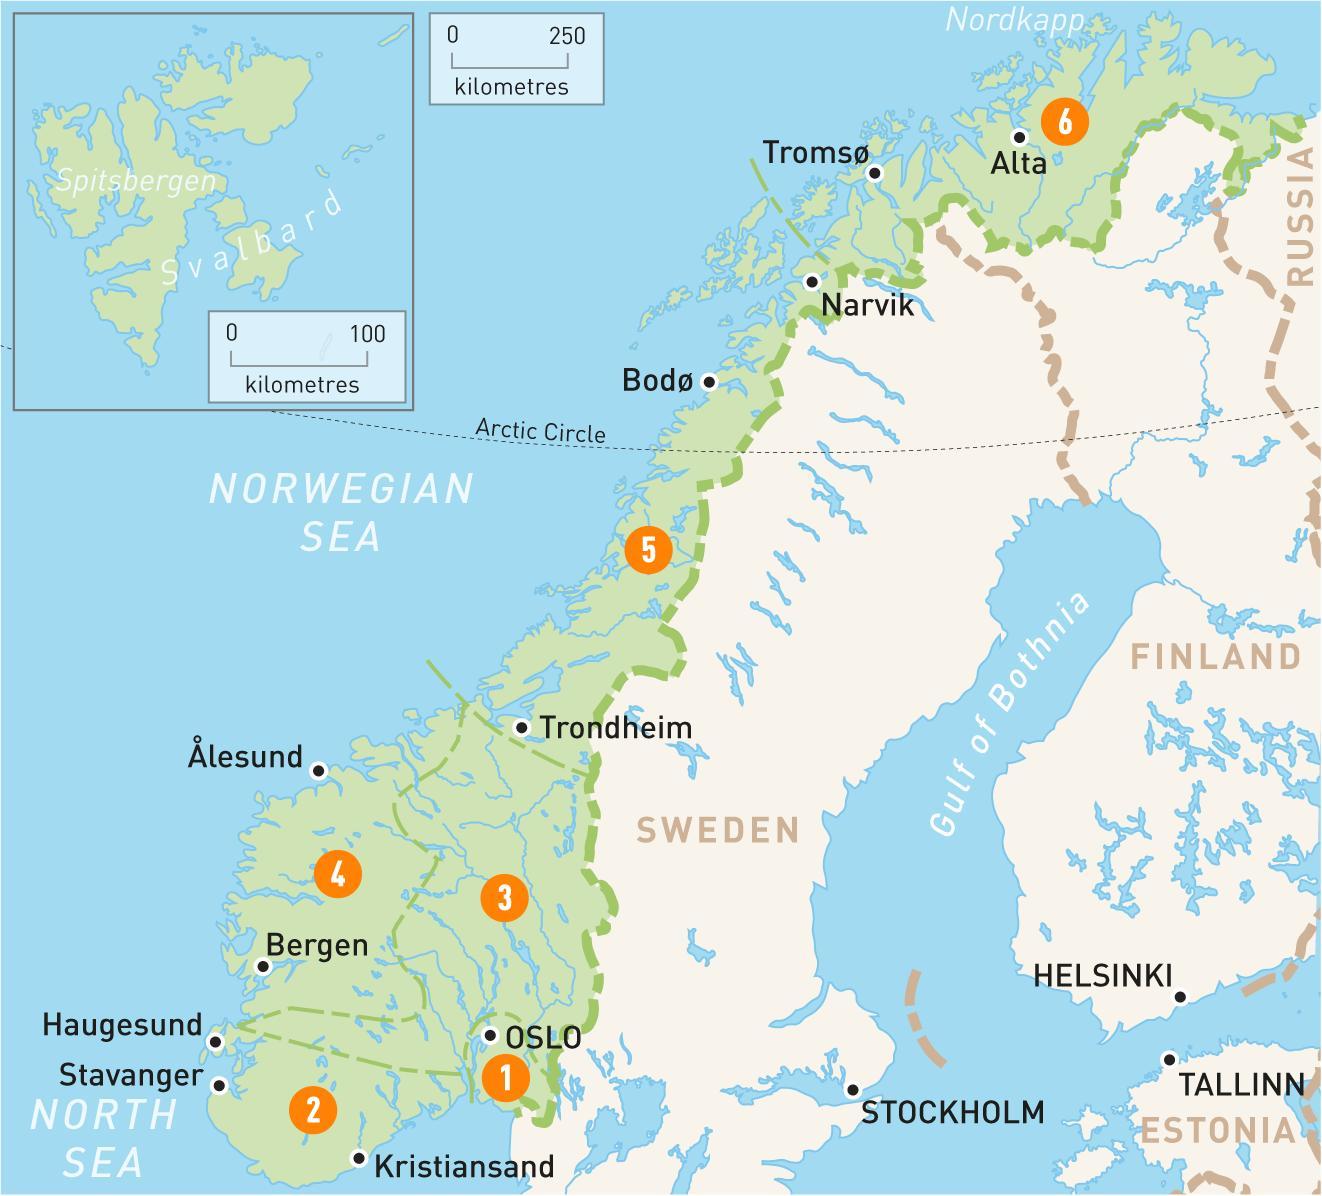 Alta Norja Kartta Kartan Alta Norja Pohjois Eurooppa Eurooppa